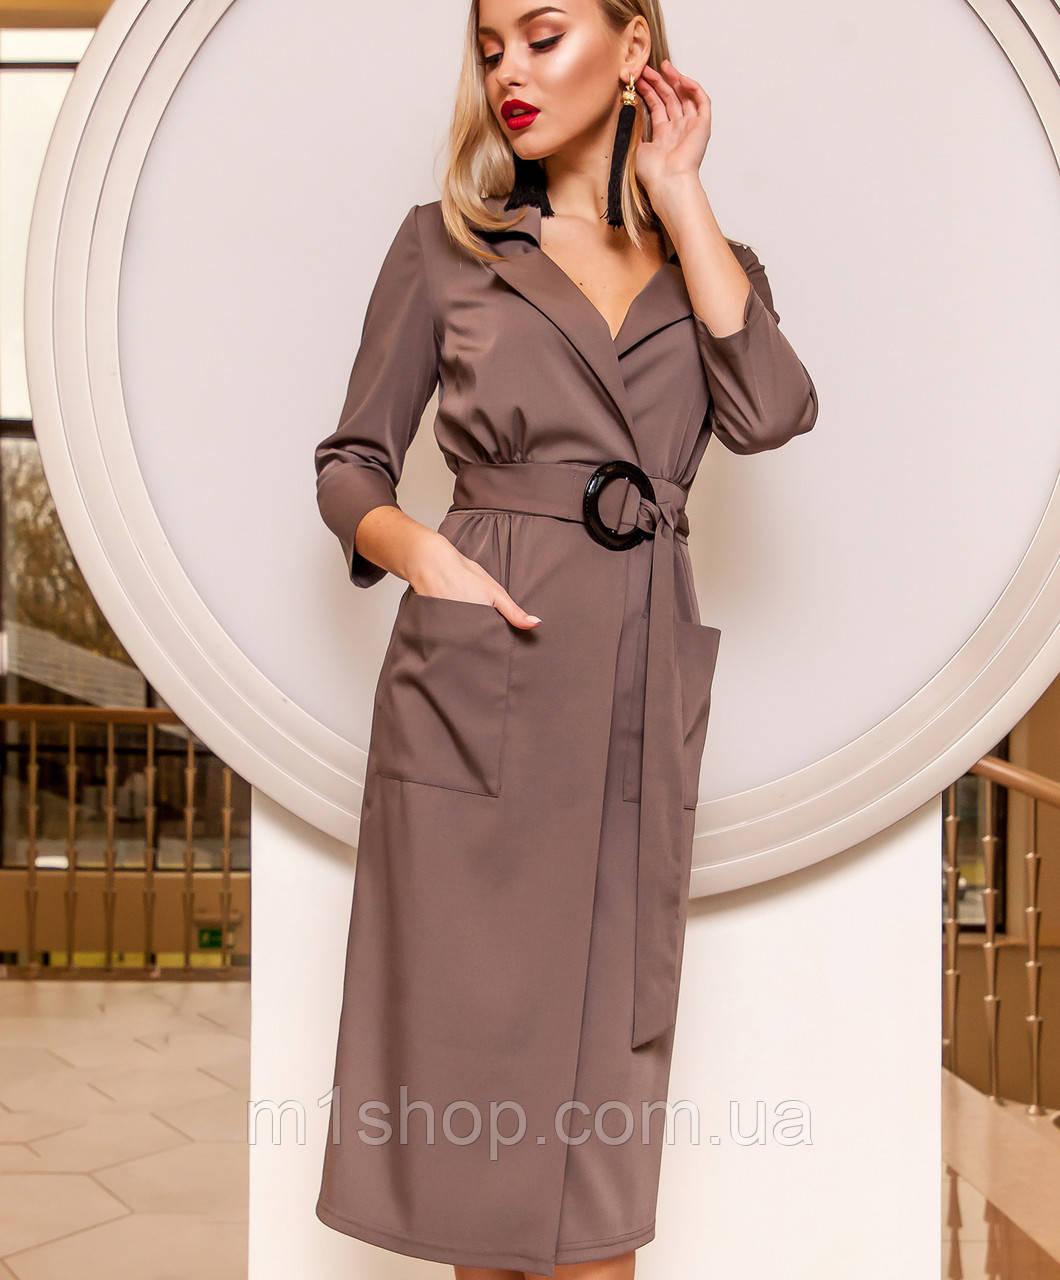 a979d2f71b99c44 Женское деловое платье назапах (Кейси jd) купить недорого Украина ...